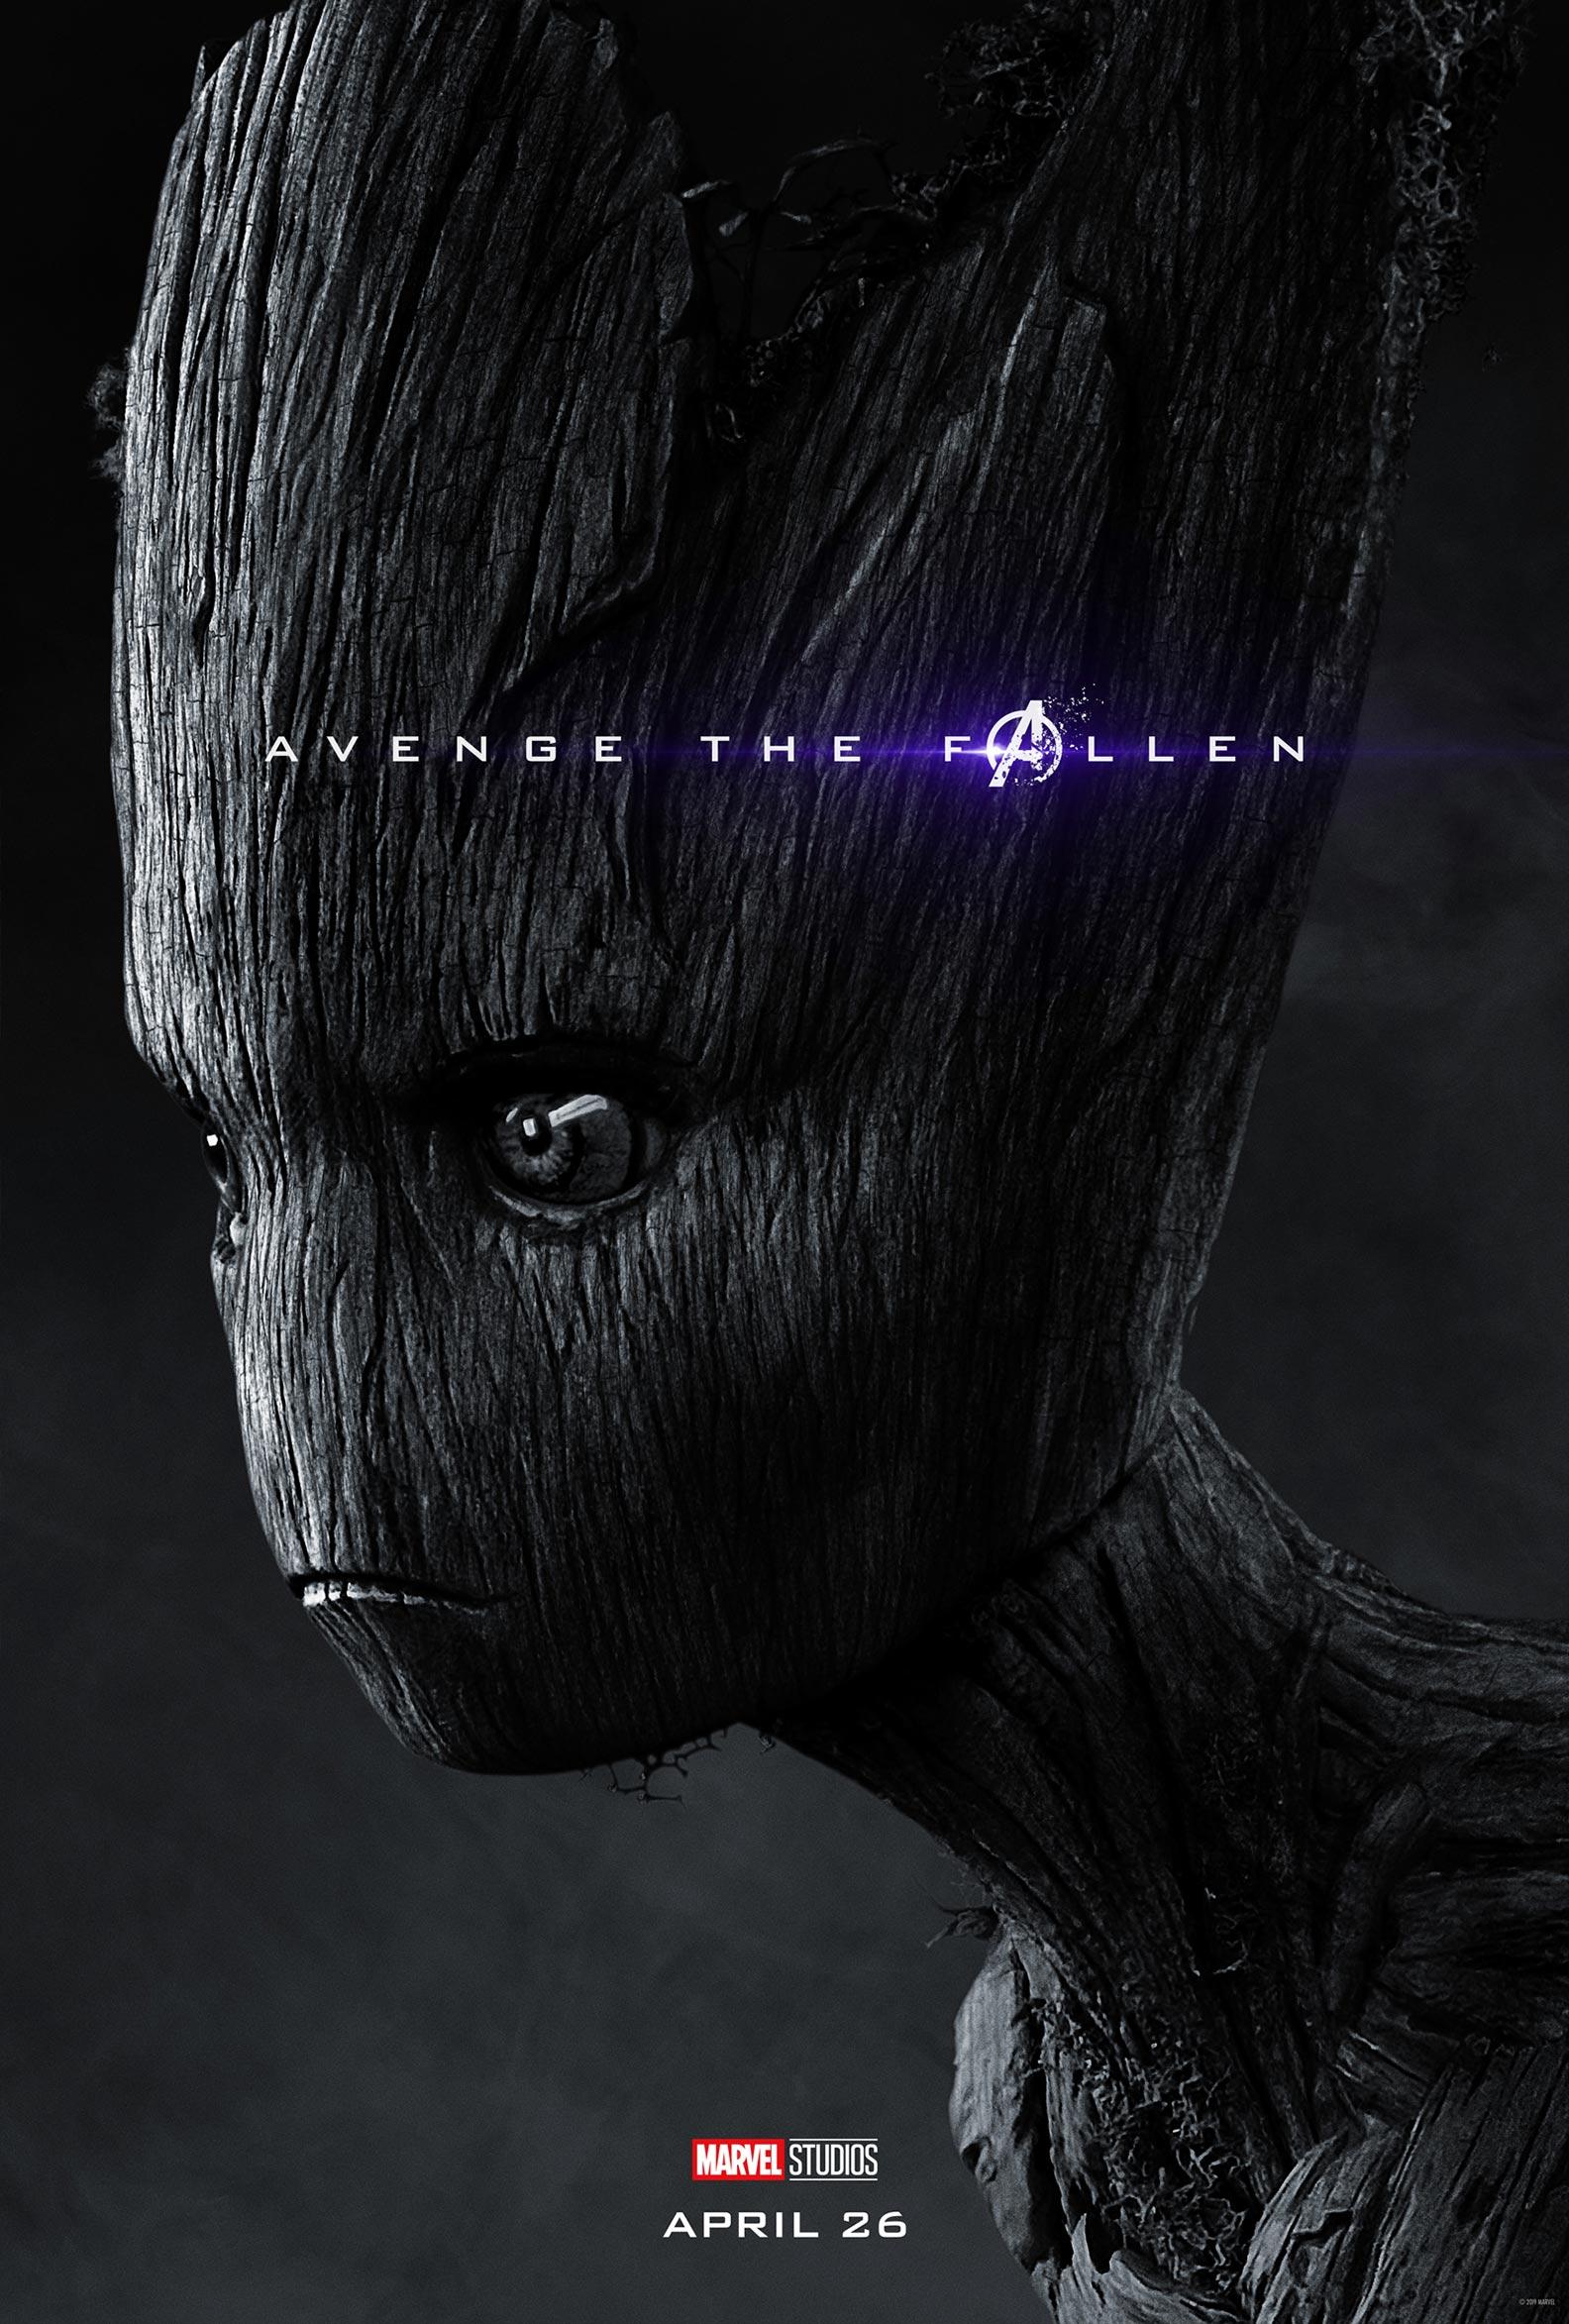 Avengers: Endgame Poster #24